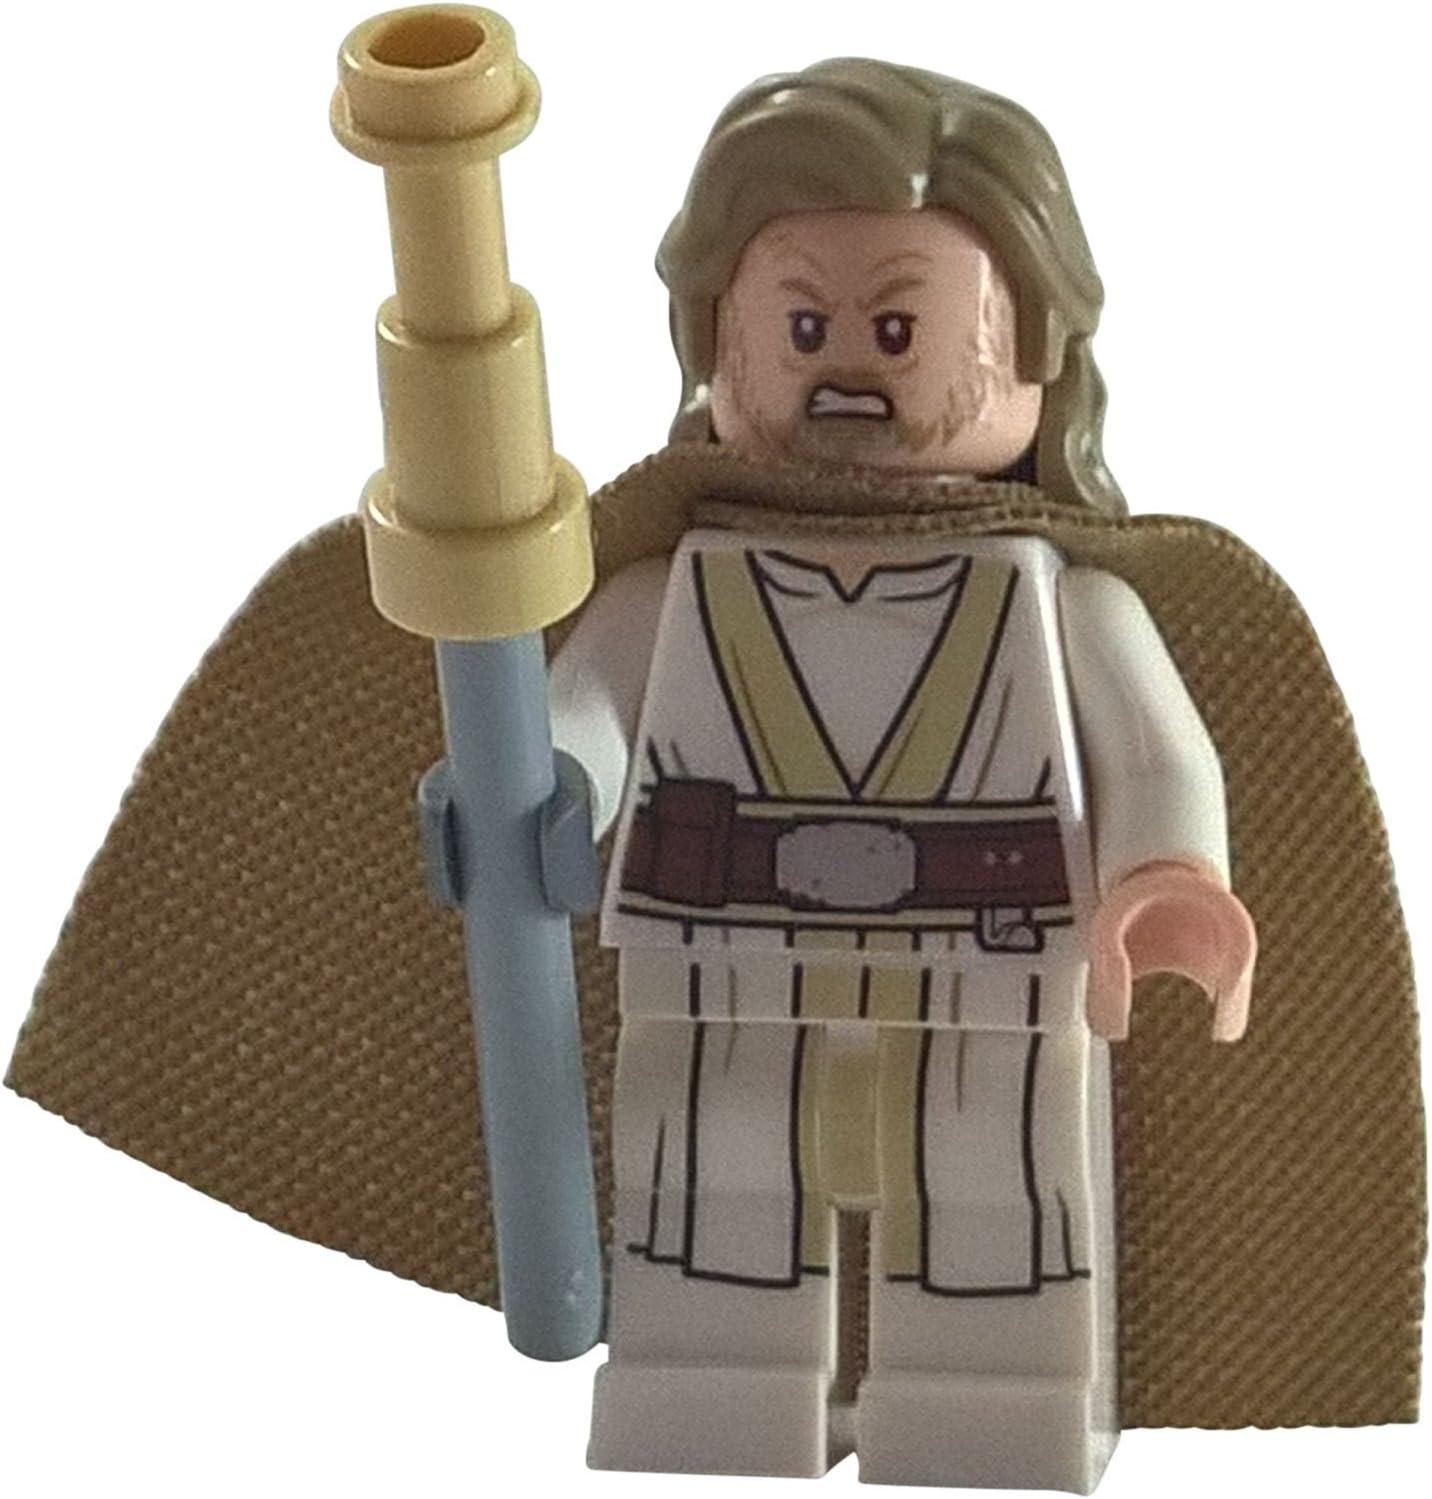 Lego Star Wars Tan Male Hair Luke Skywalker NEW